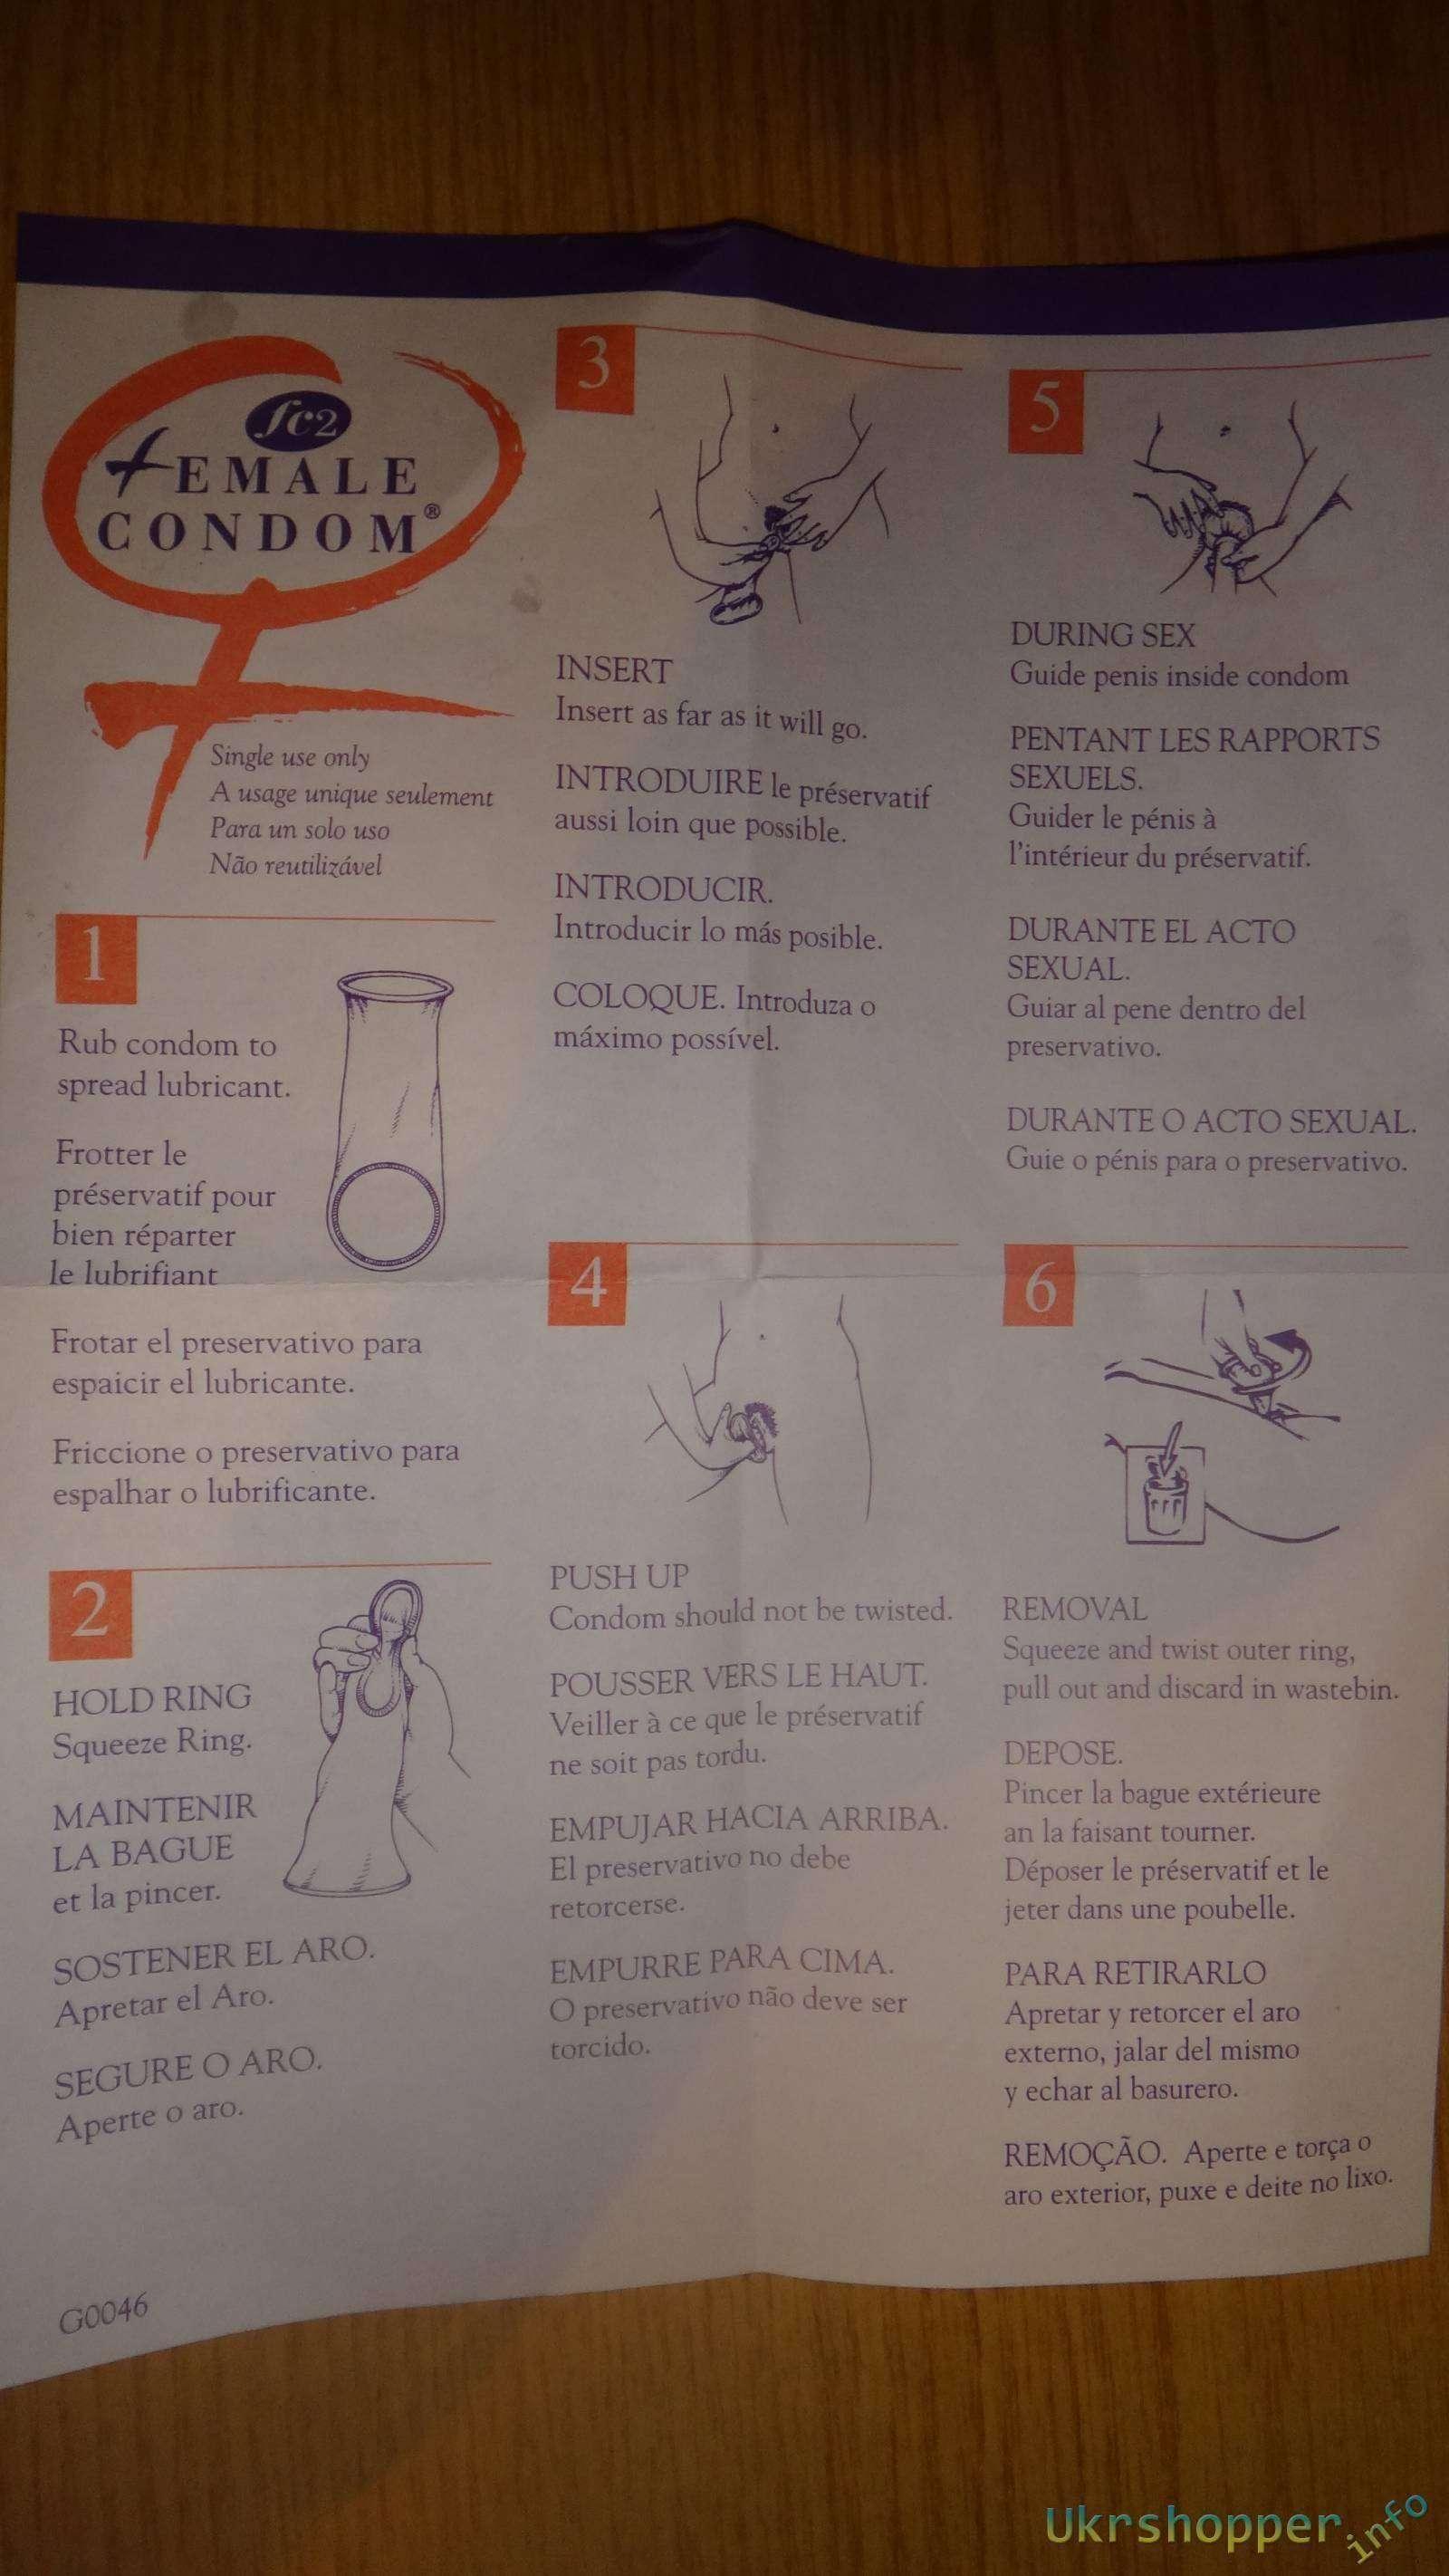 Другие - Украина: Обзор презервативов из социальной акции + бонус женский презерватив